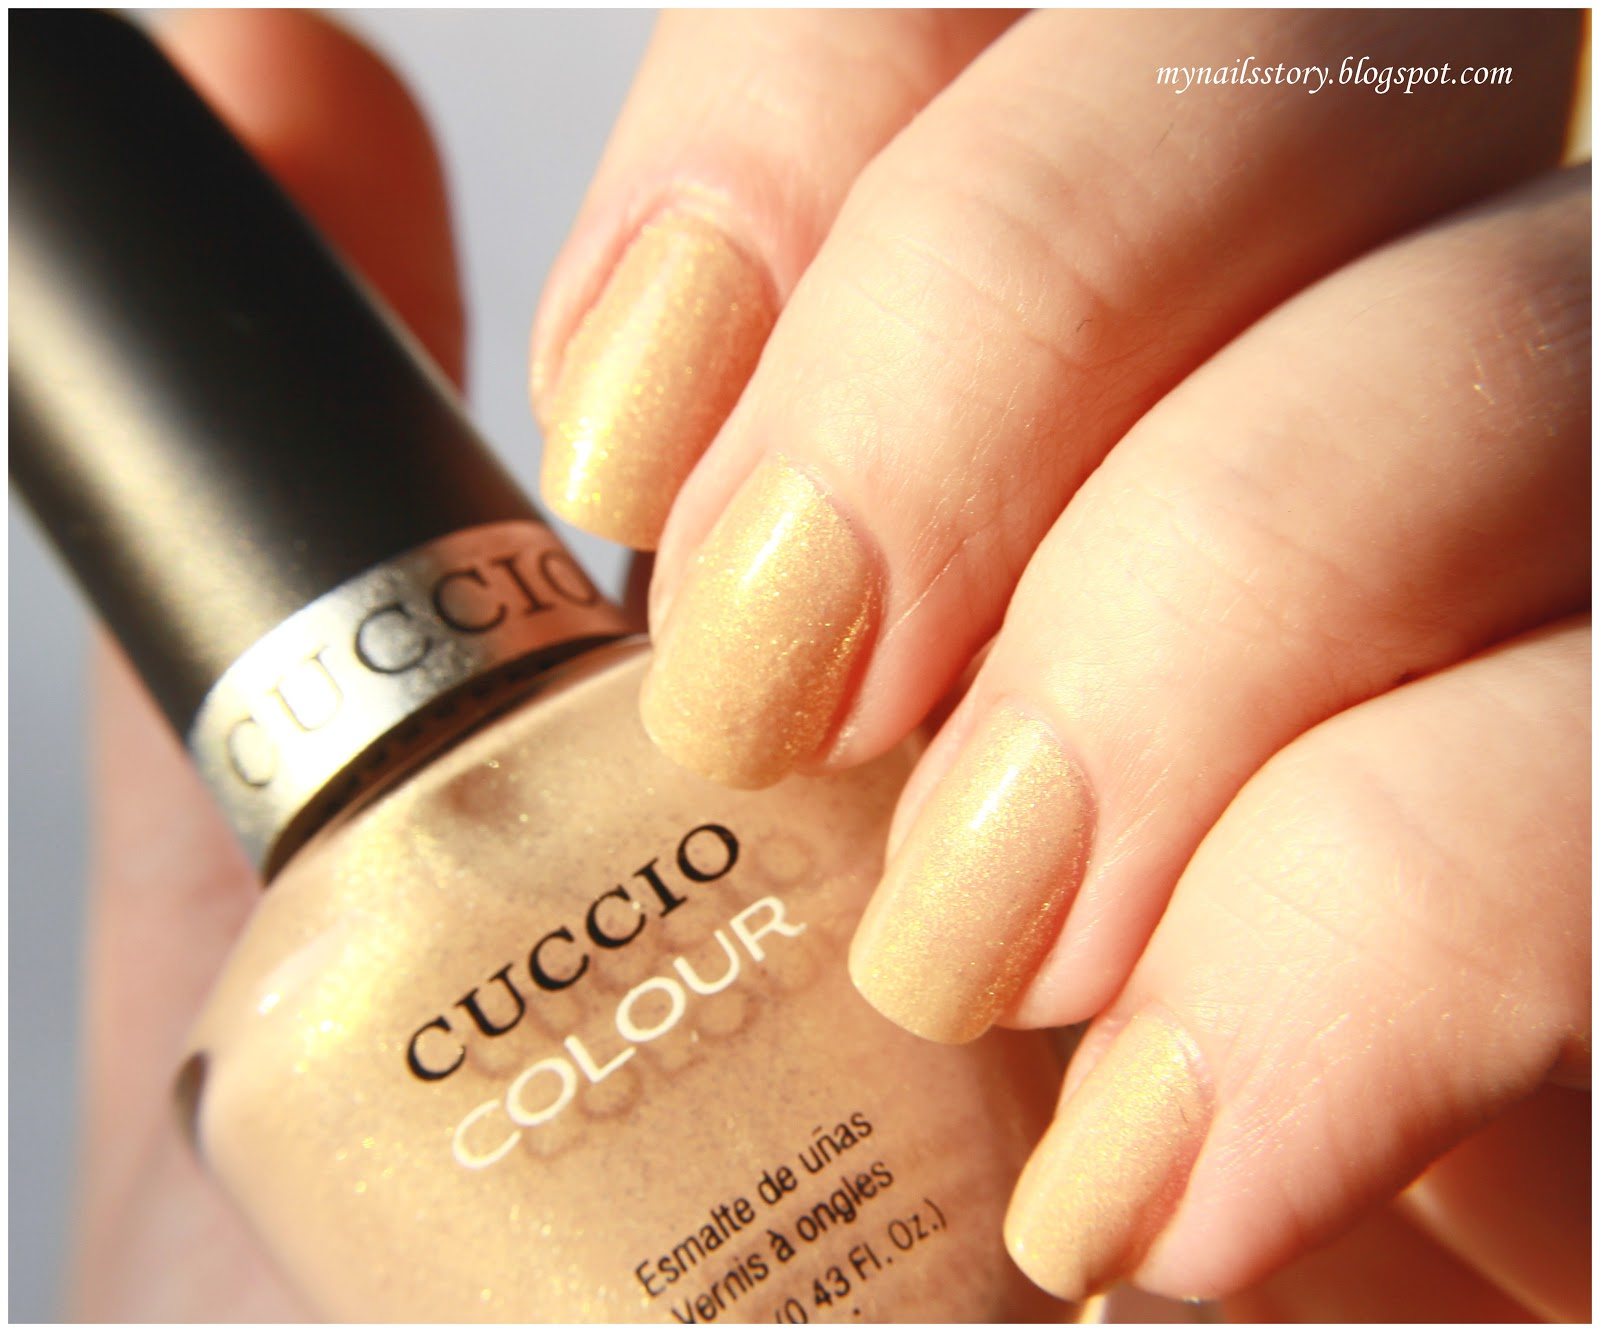 Cuccio Color Los Angeles Luscious